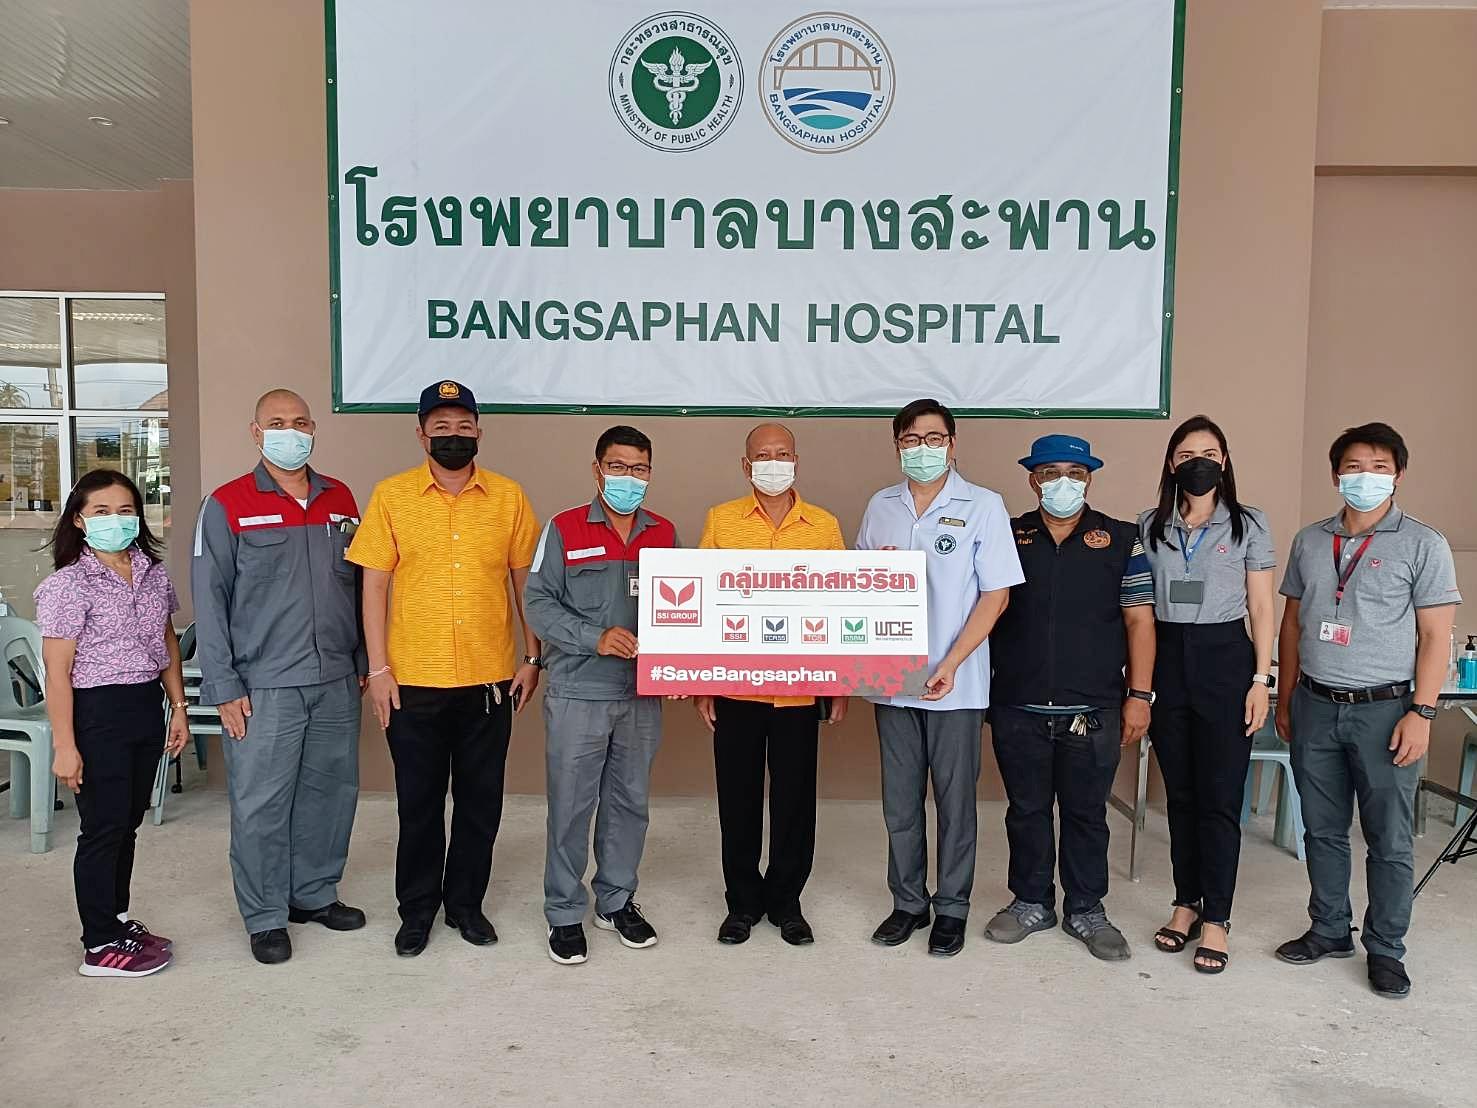 กลุ่มเหล็กสหวิริยาร่วม#SaveBangsaphan สนับสนุนอาหารทีมบริการฉีดวัคซีนCovid-19